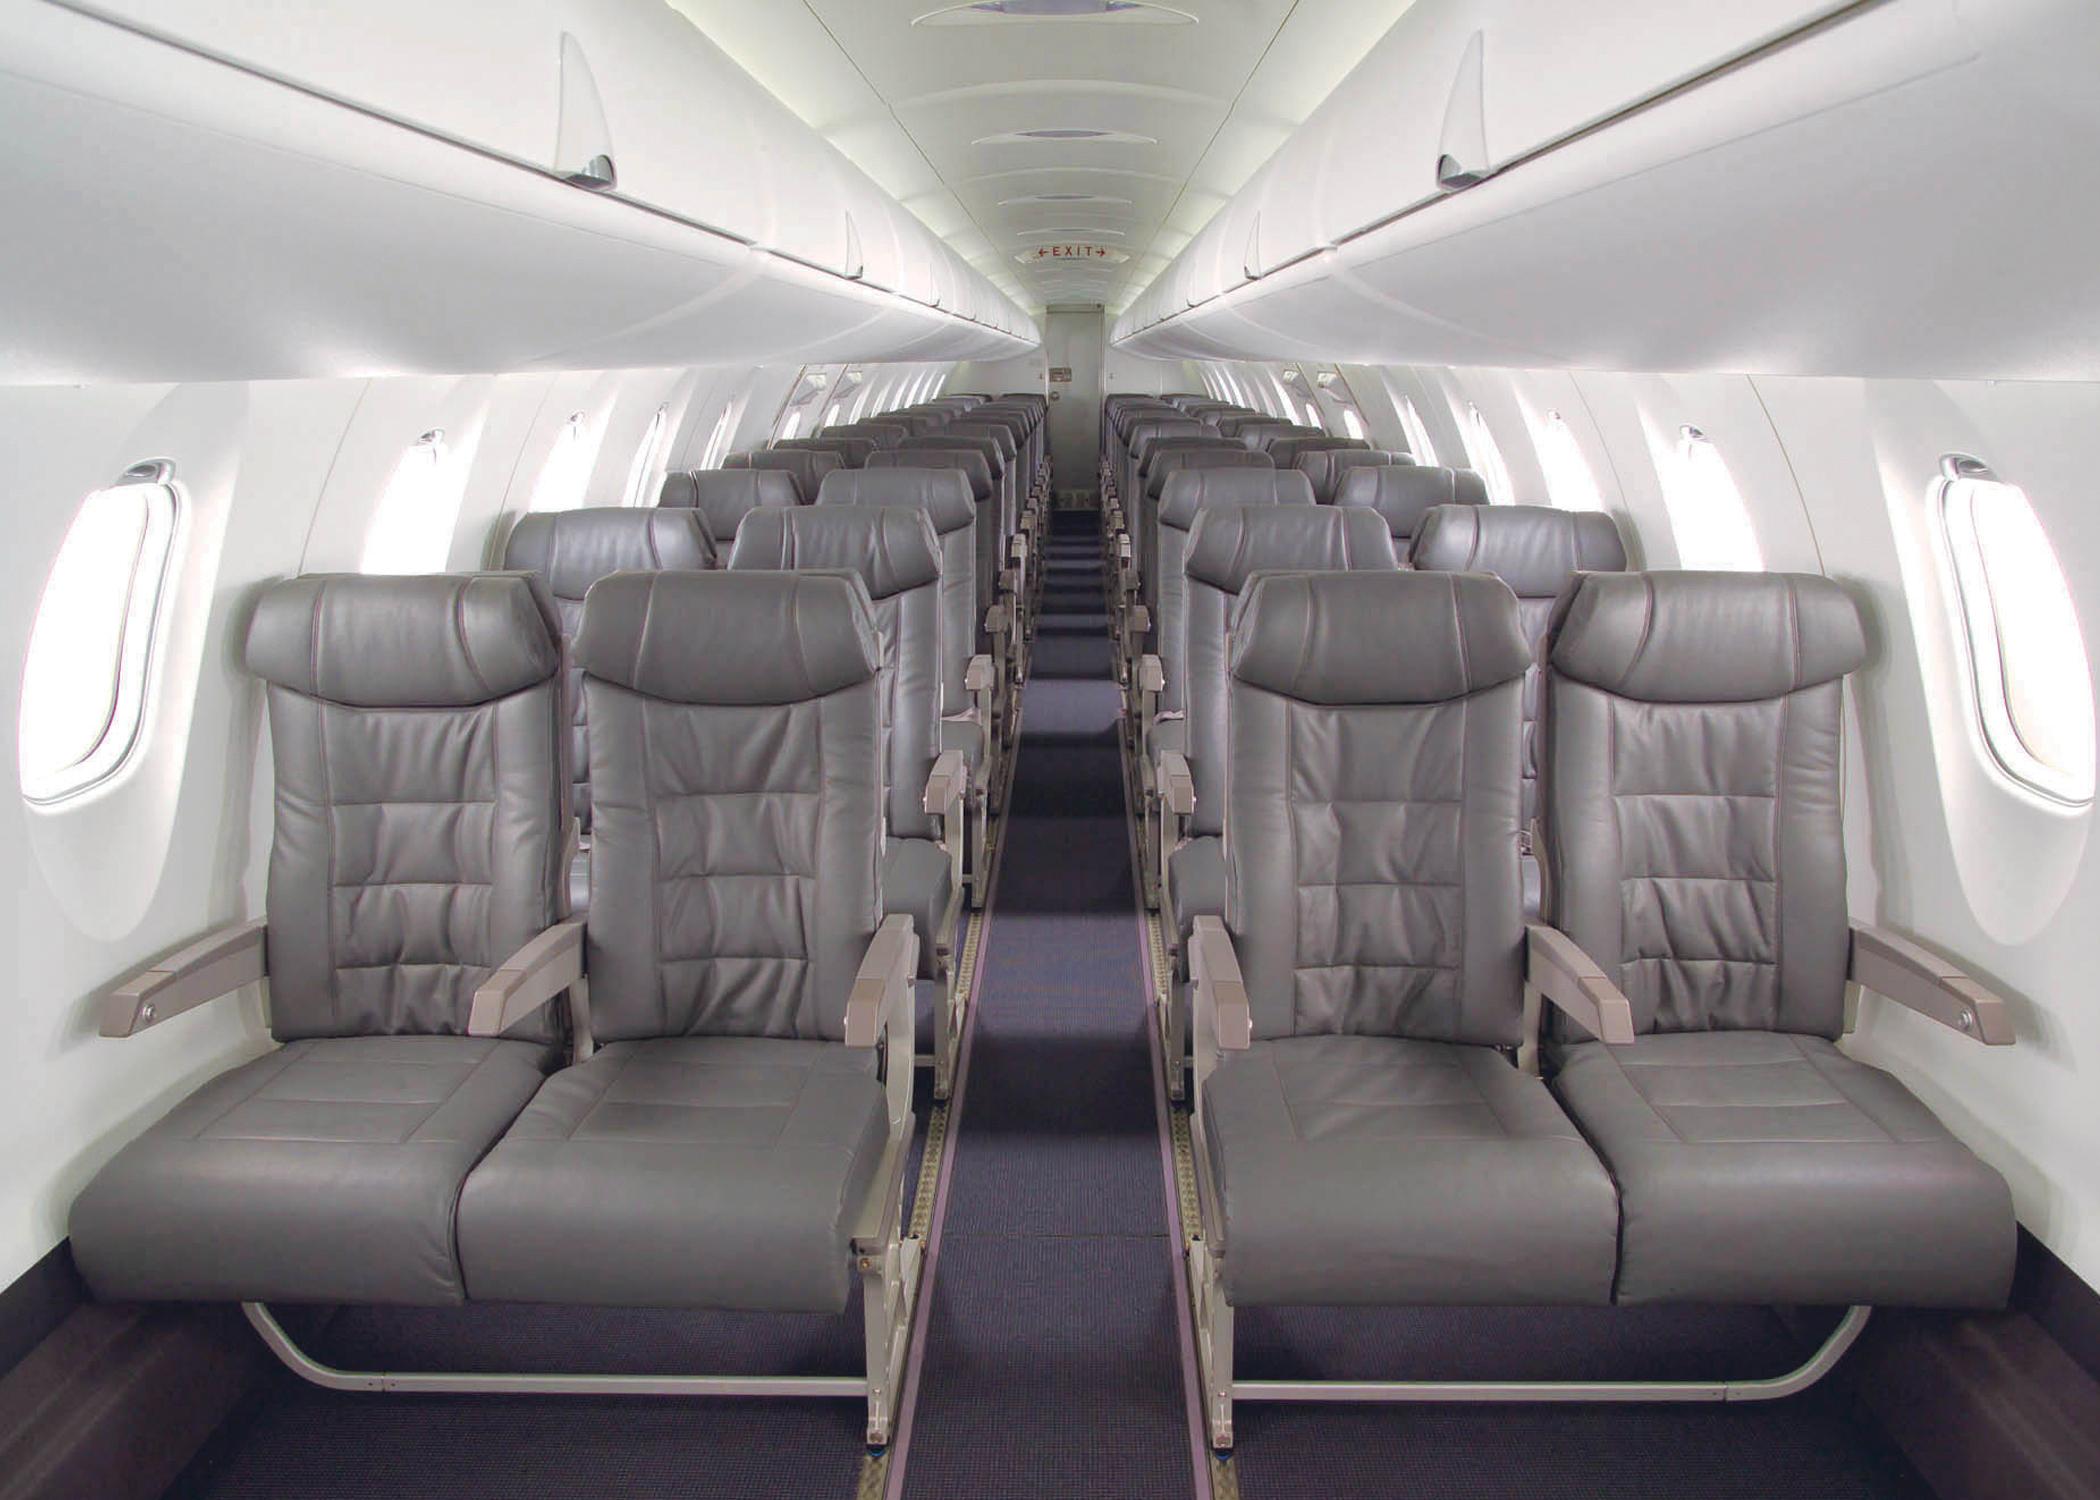 Bombardier CRJ 200 interior cabin